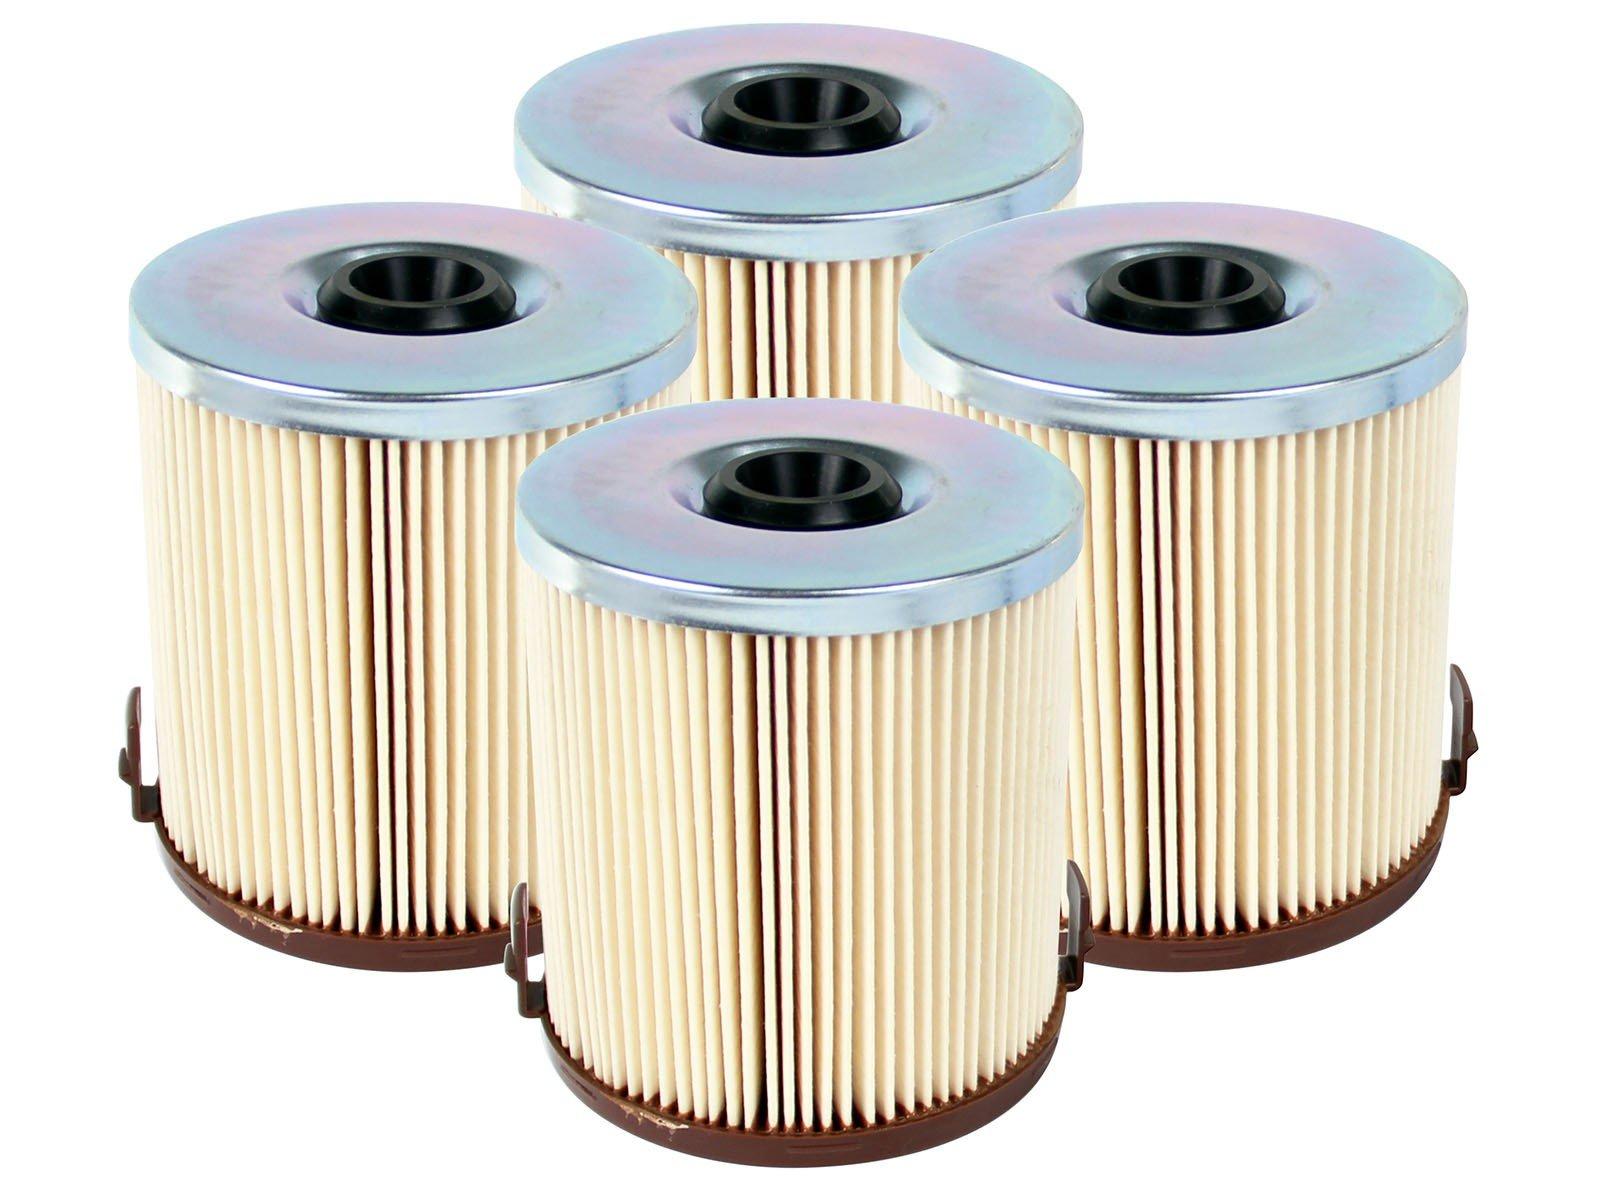 aFe Filters 44-FF009-MB Fuel Filter